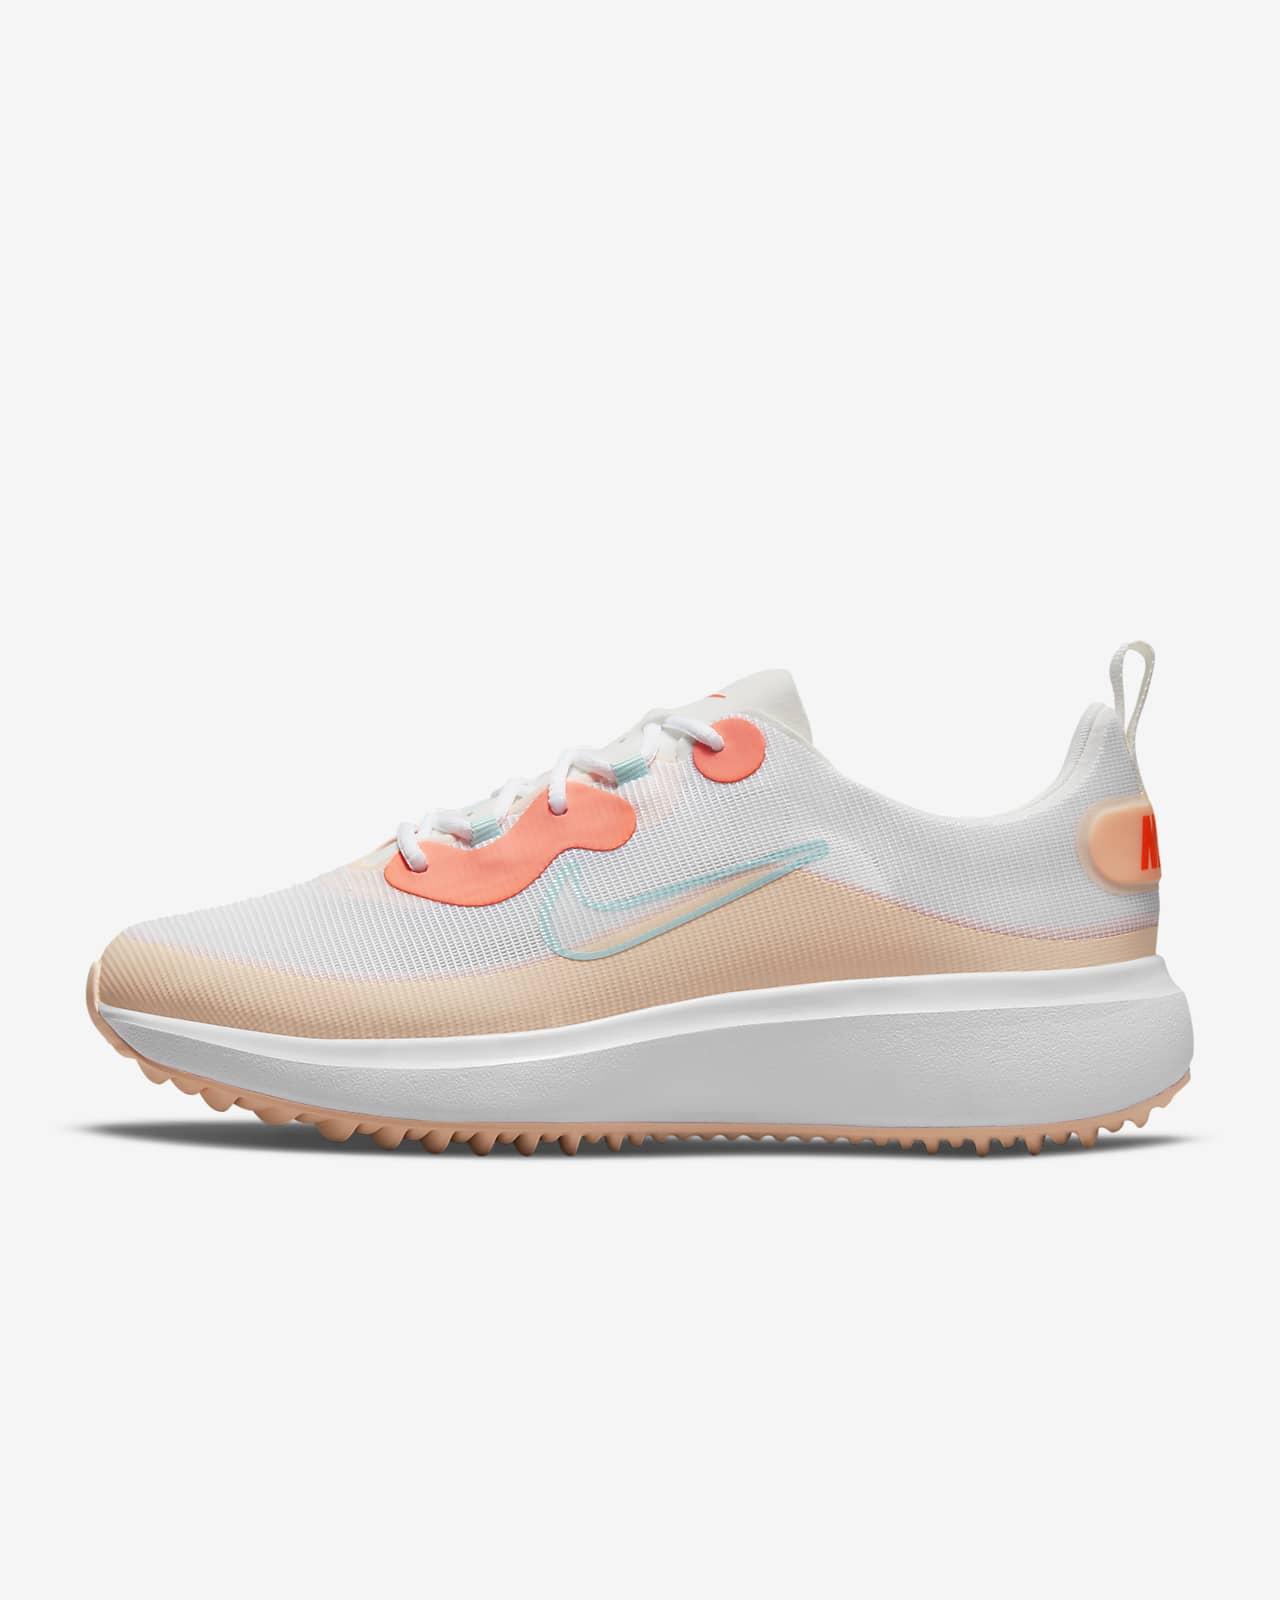 Nike Ace Summerlite Women's Golf Shoe